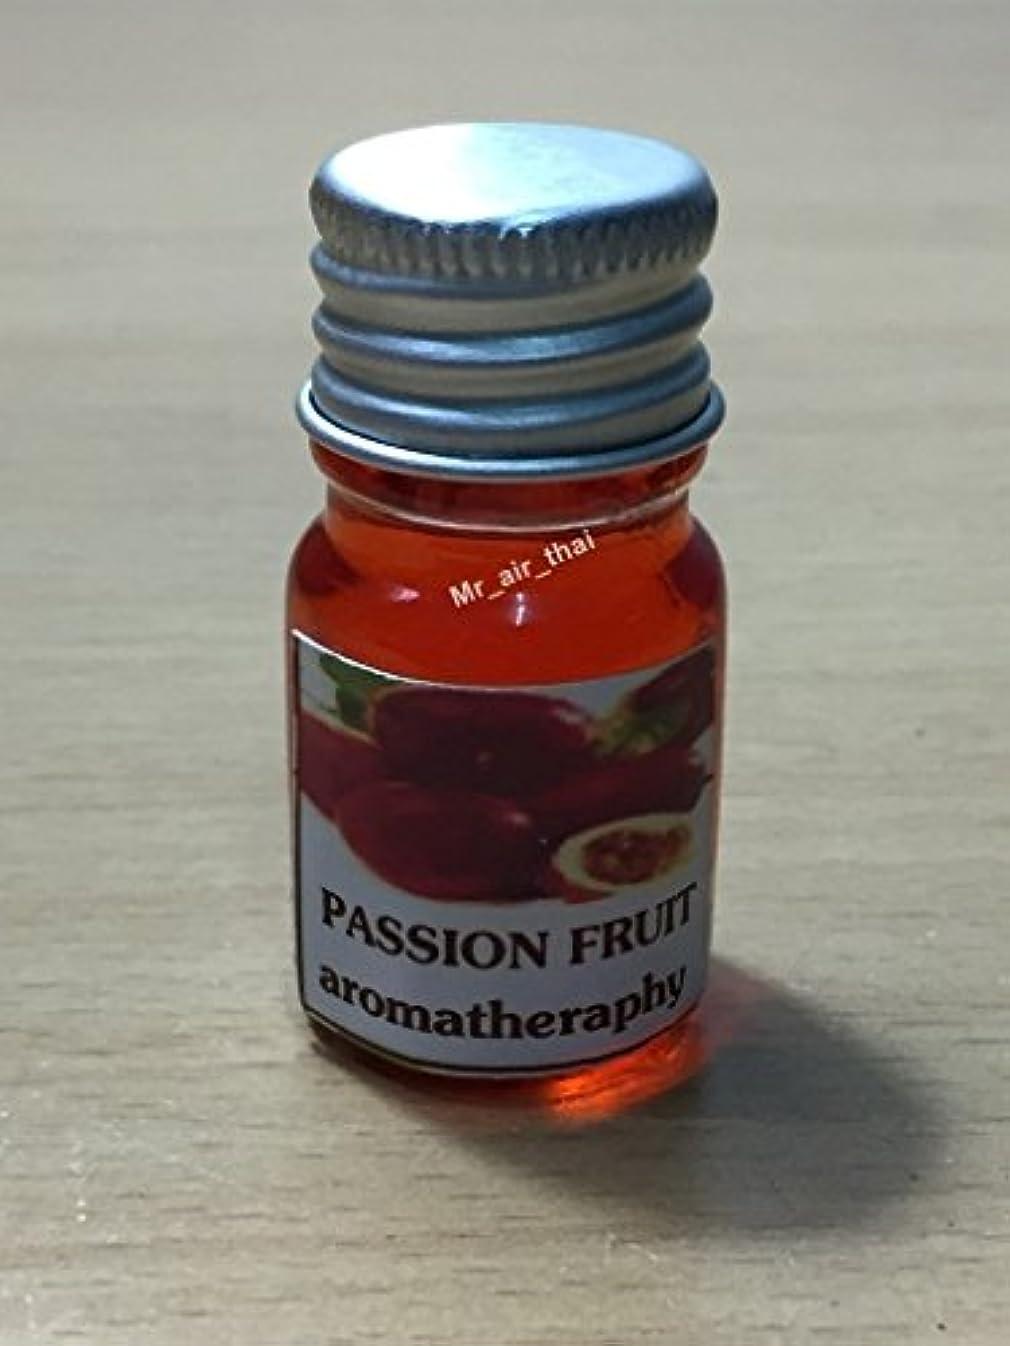 土曜日最大化する欠席5ミリリットルアロマパッションフルーツフランクインセンスエッセンシャルオイルボトルアロマテラピーオイル自然自然5ml Aroma Passion Fruit Frankincense Essential Oil Bottles...